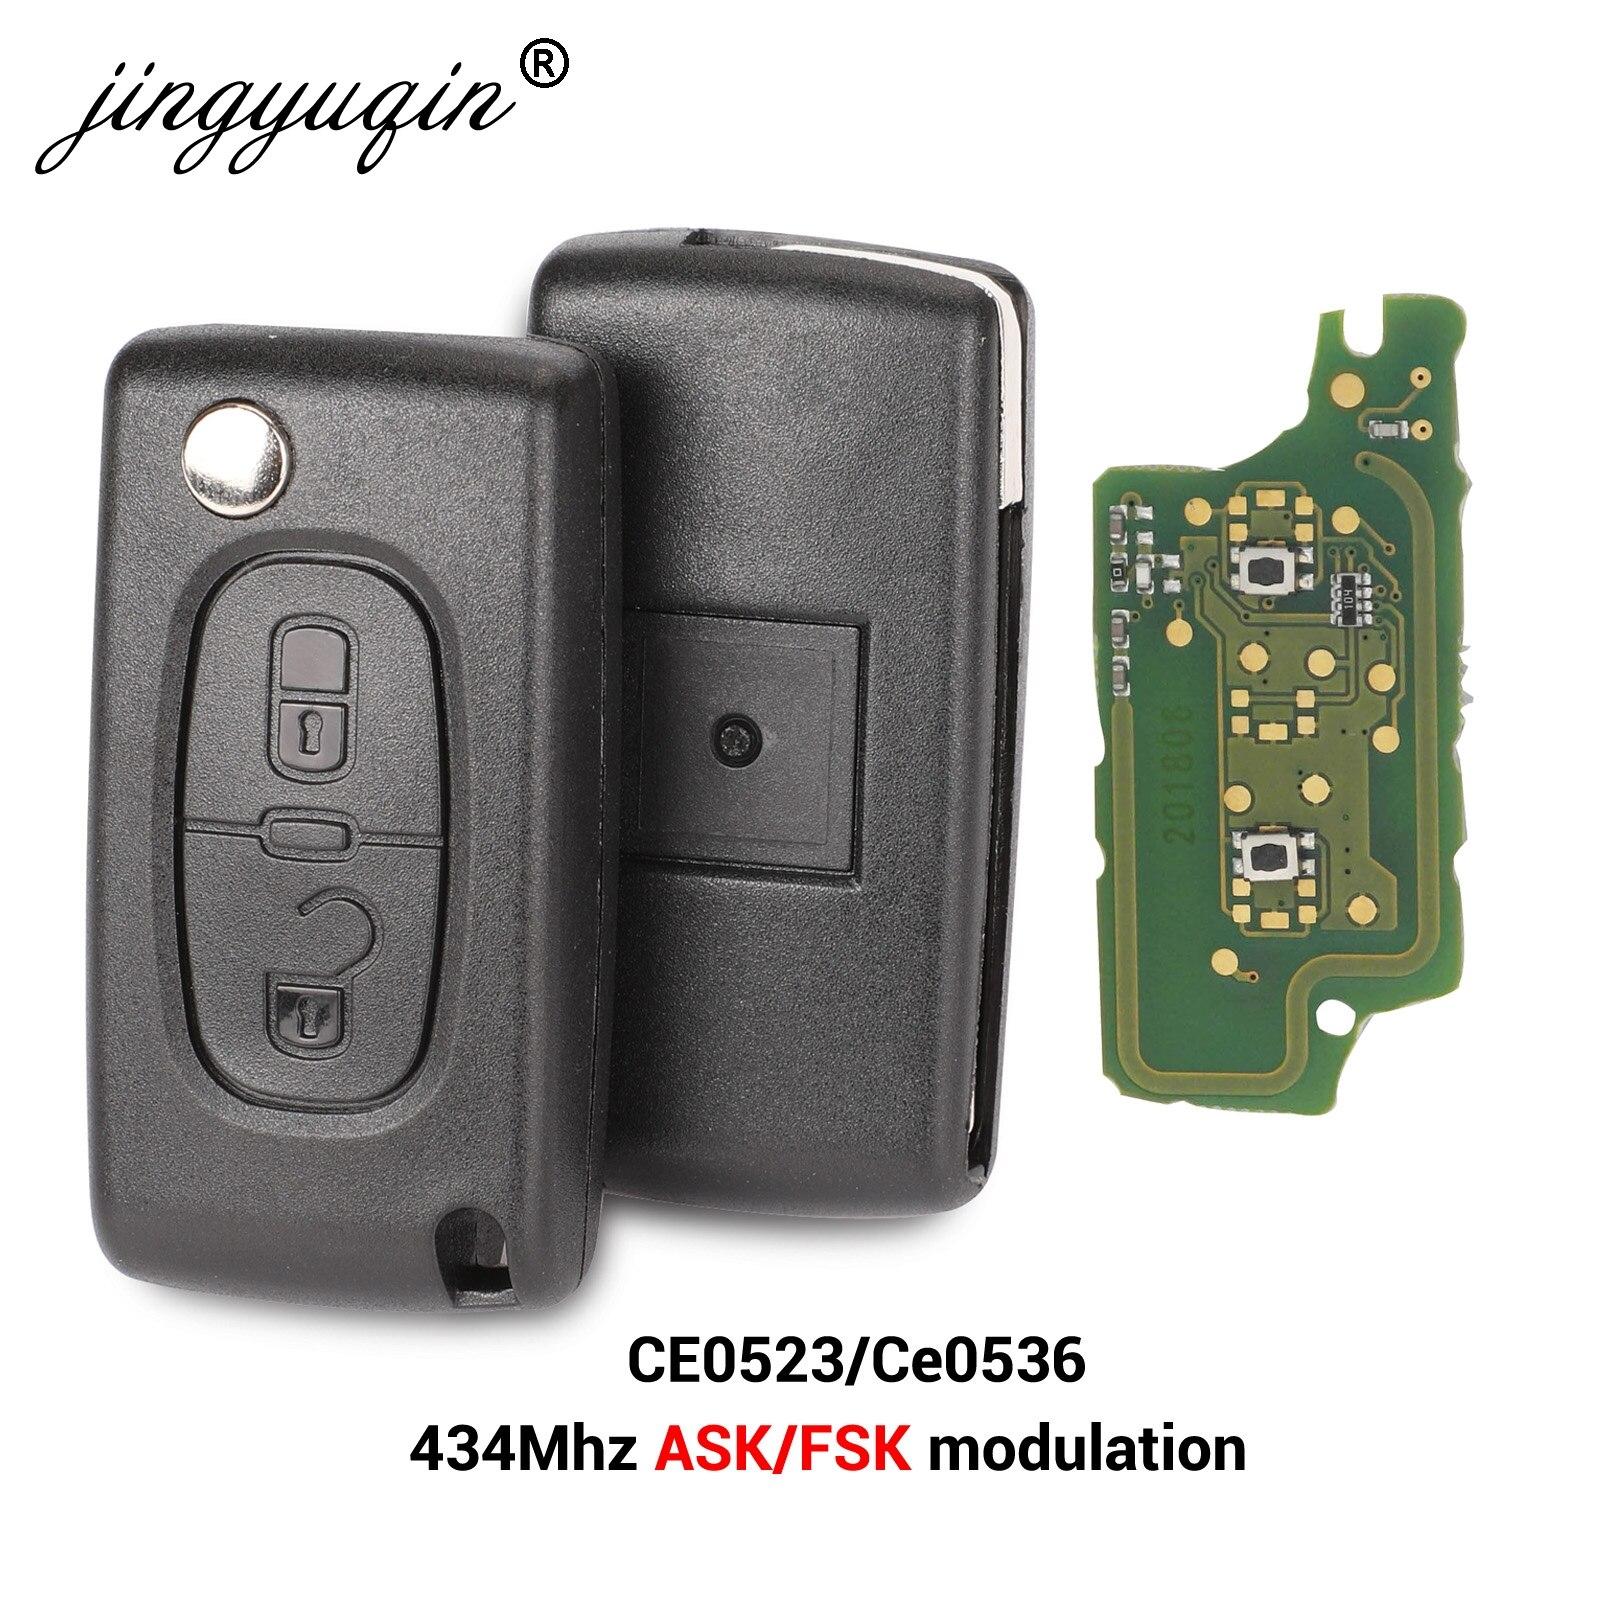 Пульт дистанционного управления jingyuqin 434 МГц ASK FSK, 2 кнопки, брелок для Citroen C2 C3 C4 C5 C6 C8 Xsara Picasso CE0523 Ce0536 VA2/HCA Blade